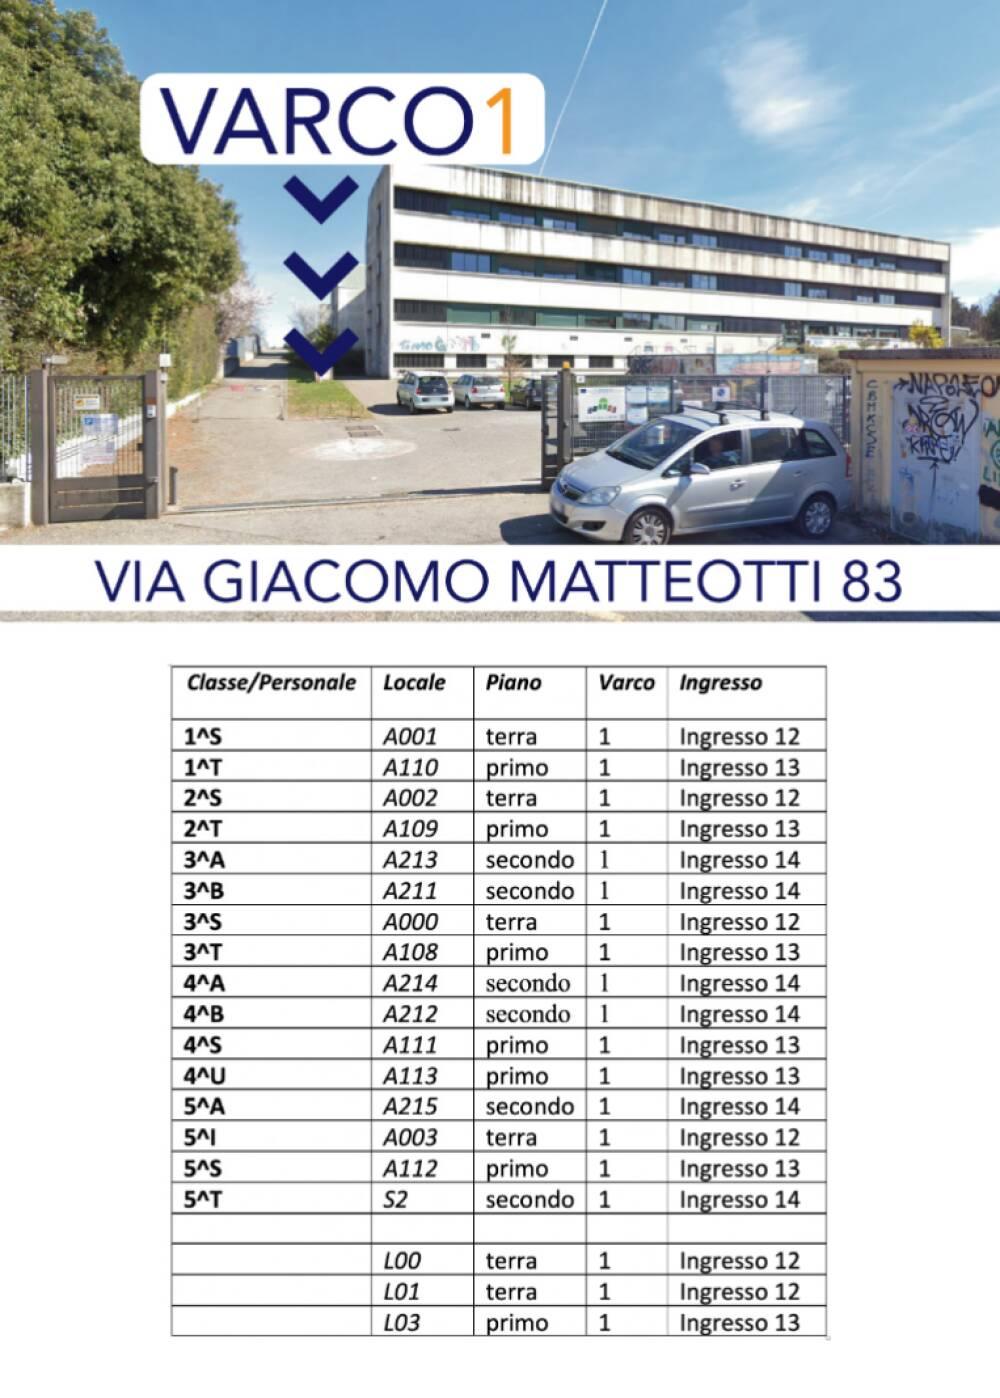 Varco 1, Ingresso da Via Giacomo Matteotti 83, Villa Raverio di Besana in Brianza